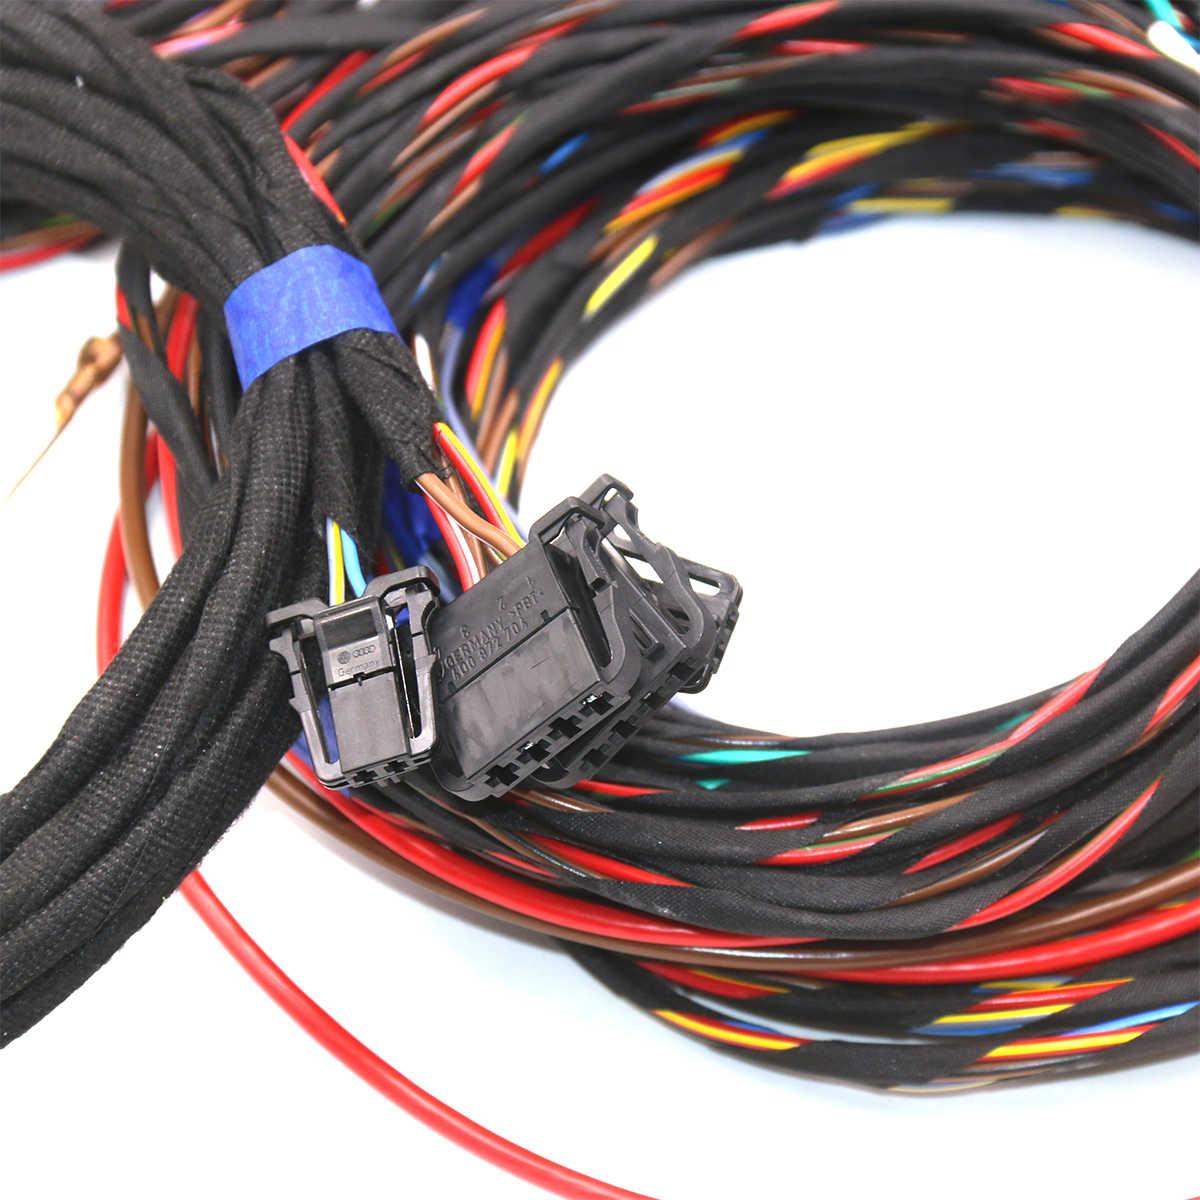 プラグ & プレイ音響 install ワイヤーケーブルハーネス使用 Vw ゴルフ 7 MK7 ティグアン MK2 Dynaudio サウンドシステム